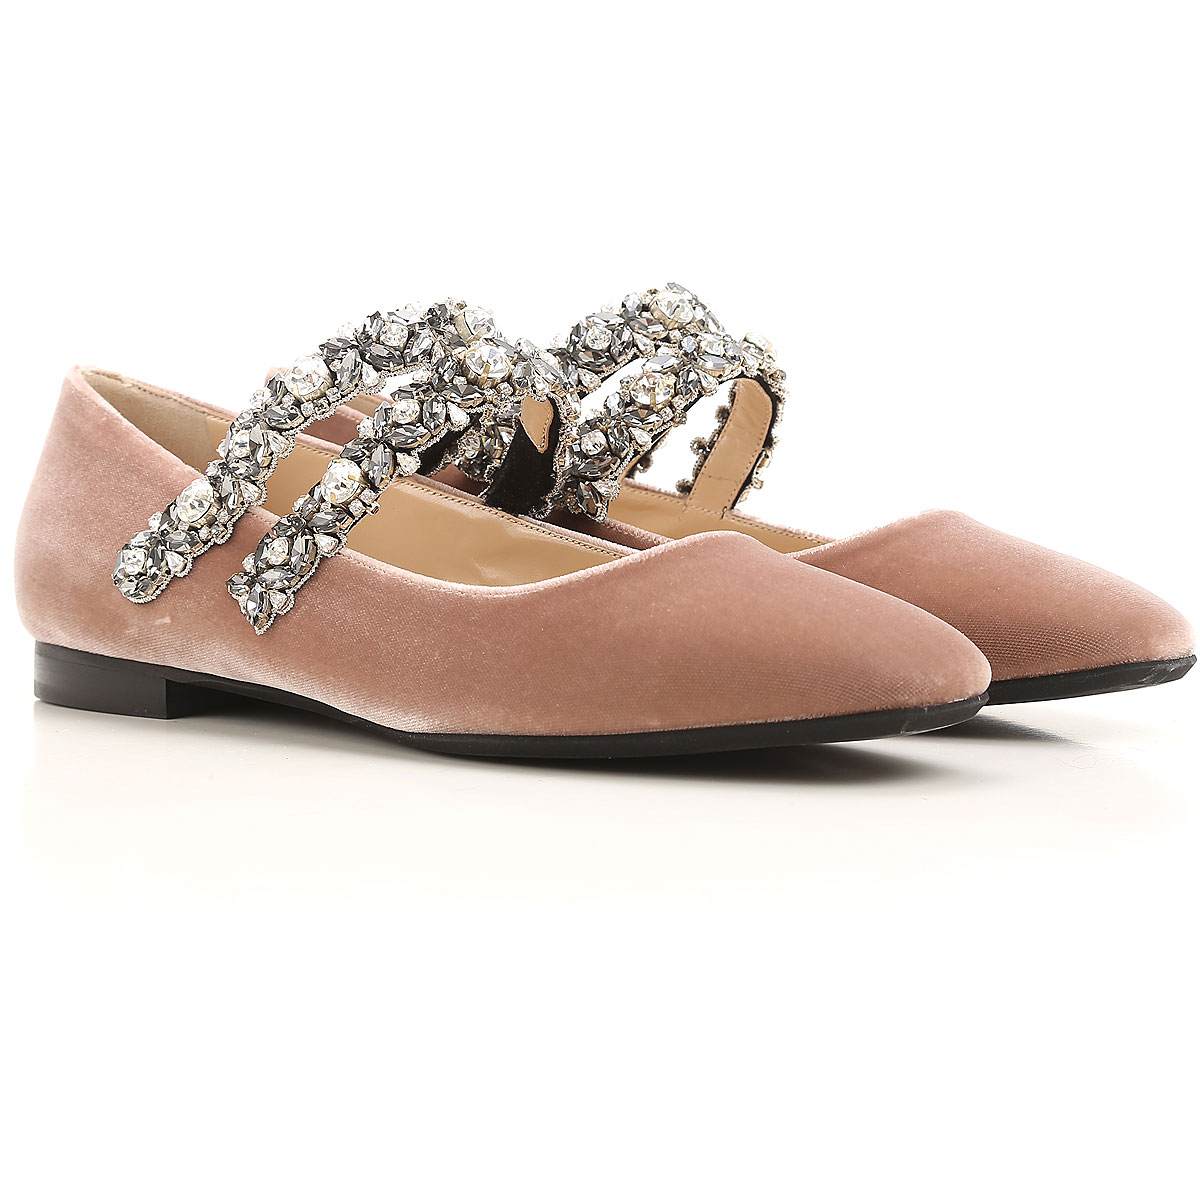 Image of NO 21 Ballet Flats Ballerina Shoes for Women, Old Rose, Velvet, 2017, 10 11 6 7 8.5